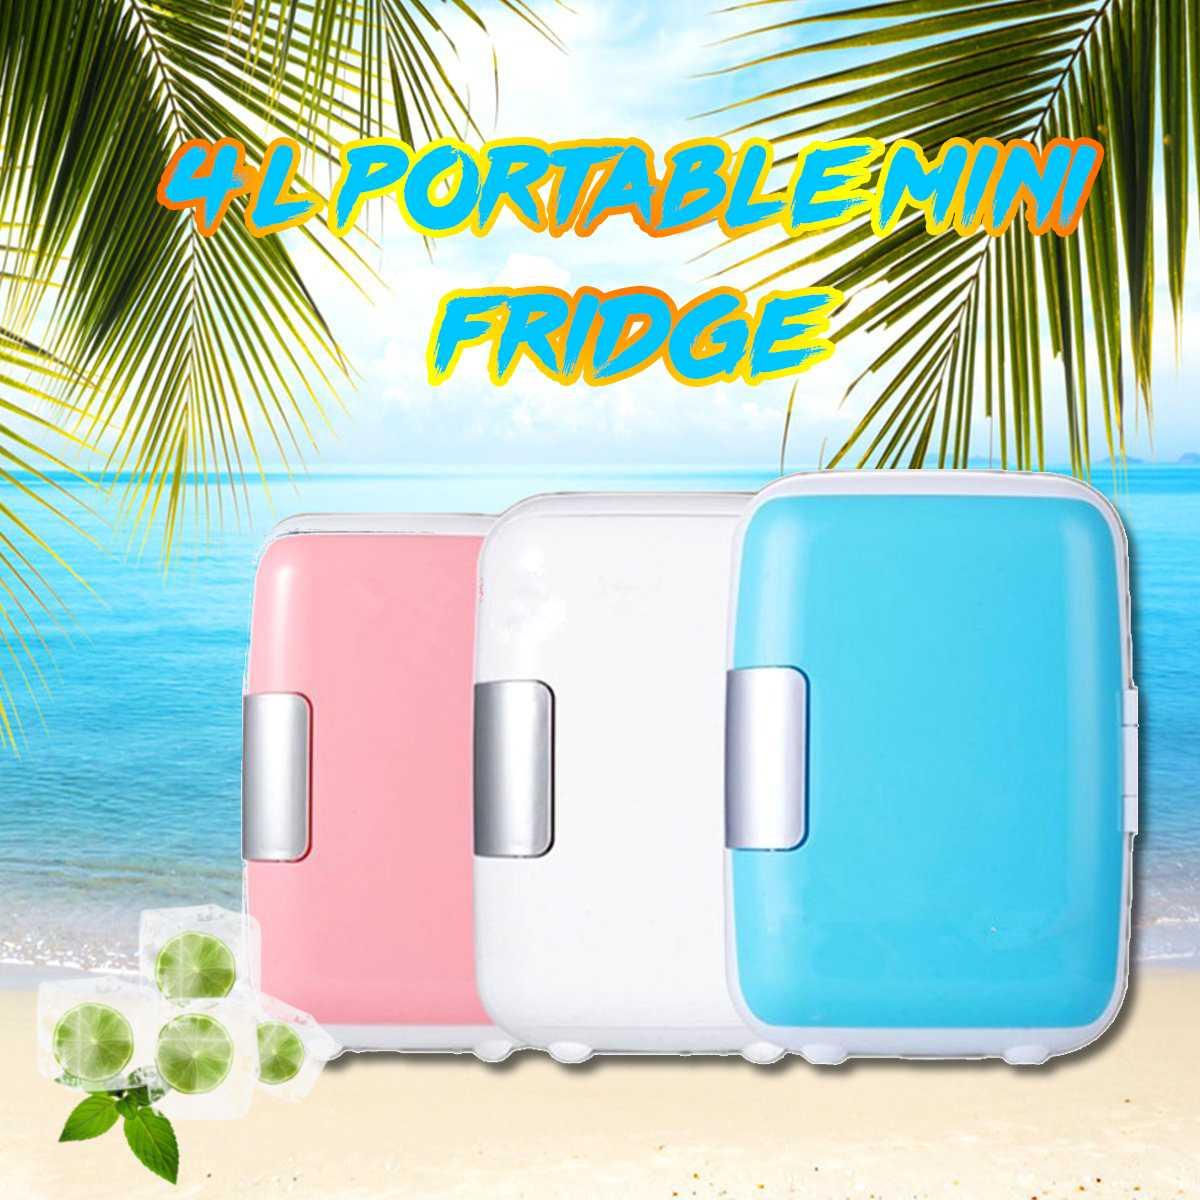 Fridge Cooler Warmer Auto Boat Beer Food Home Office Freezer 220V-240V/12V Cooler